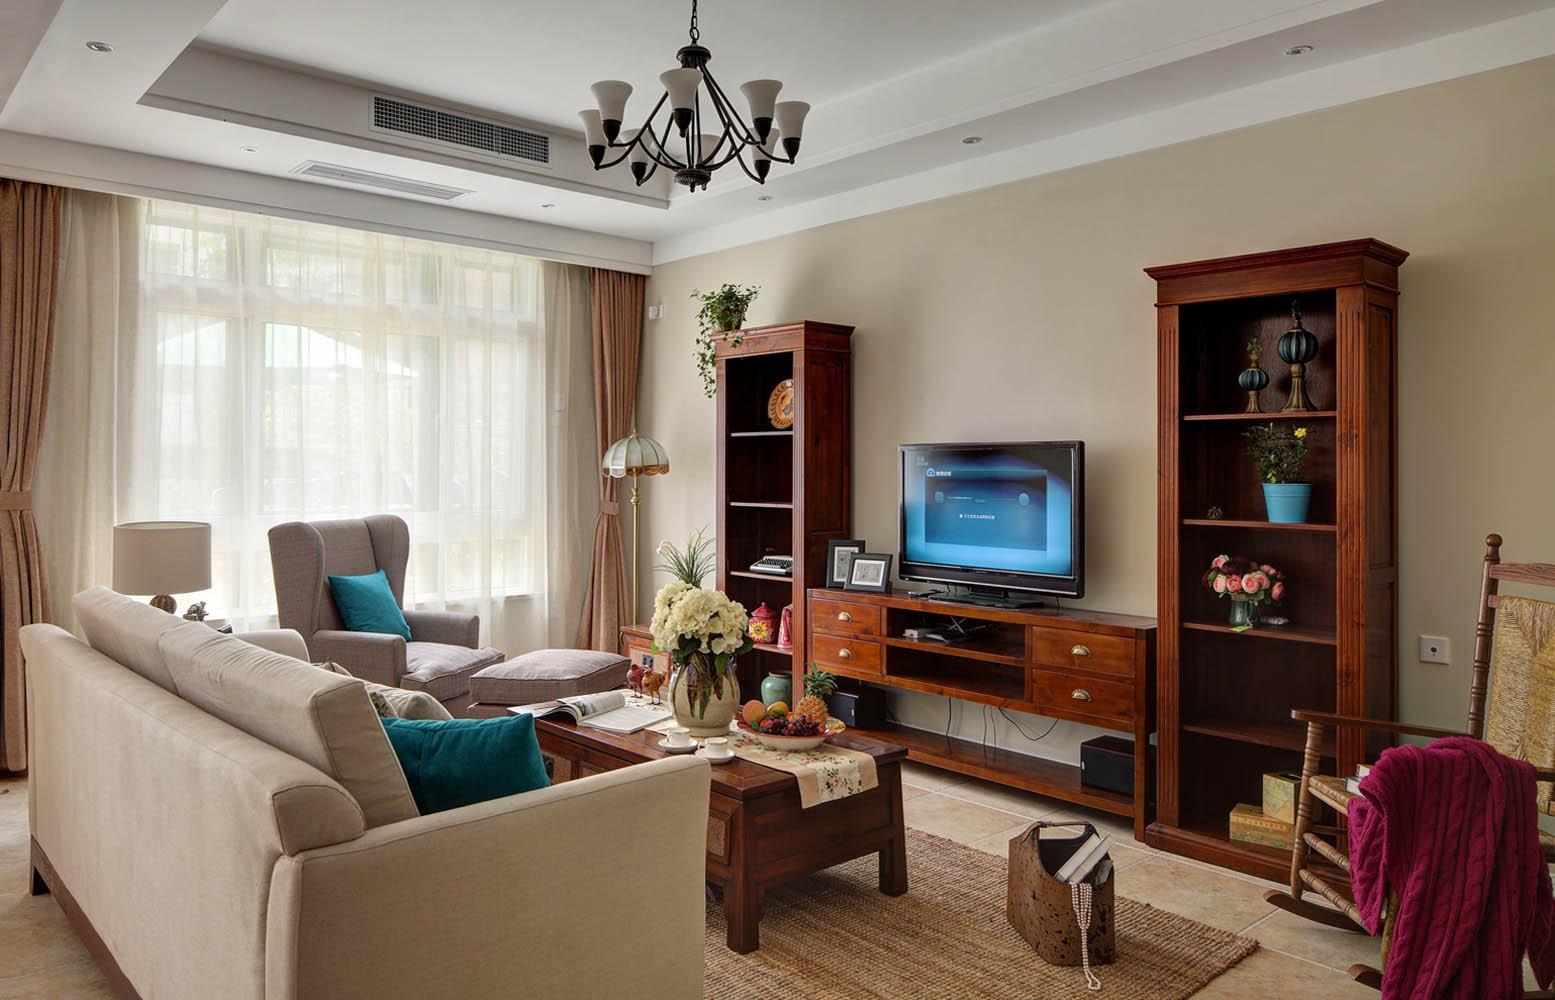 美式风格别墅设计电视背景墙图片